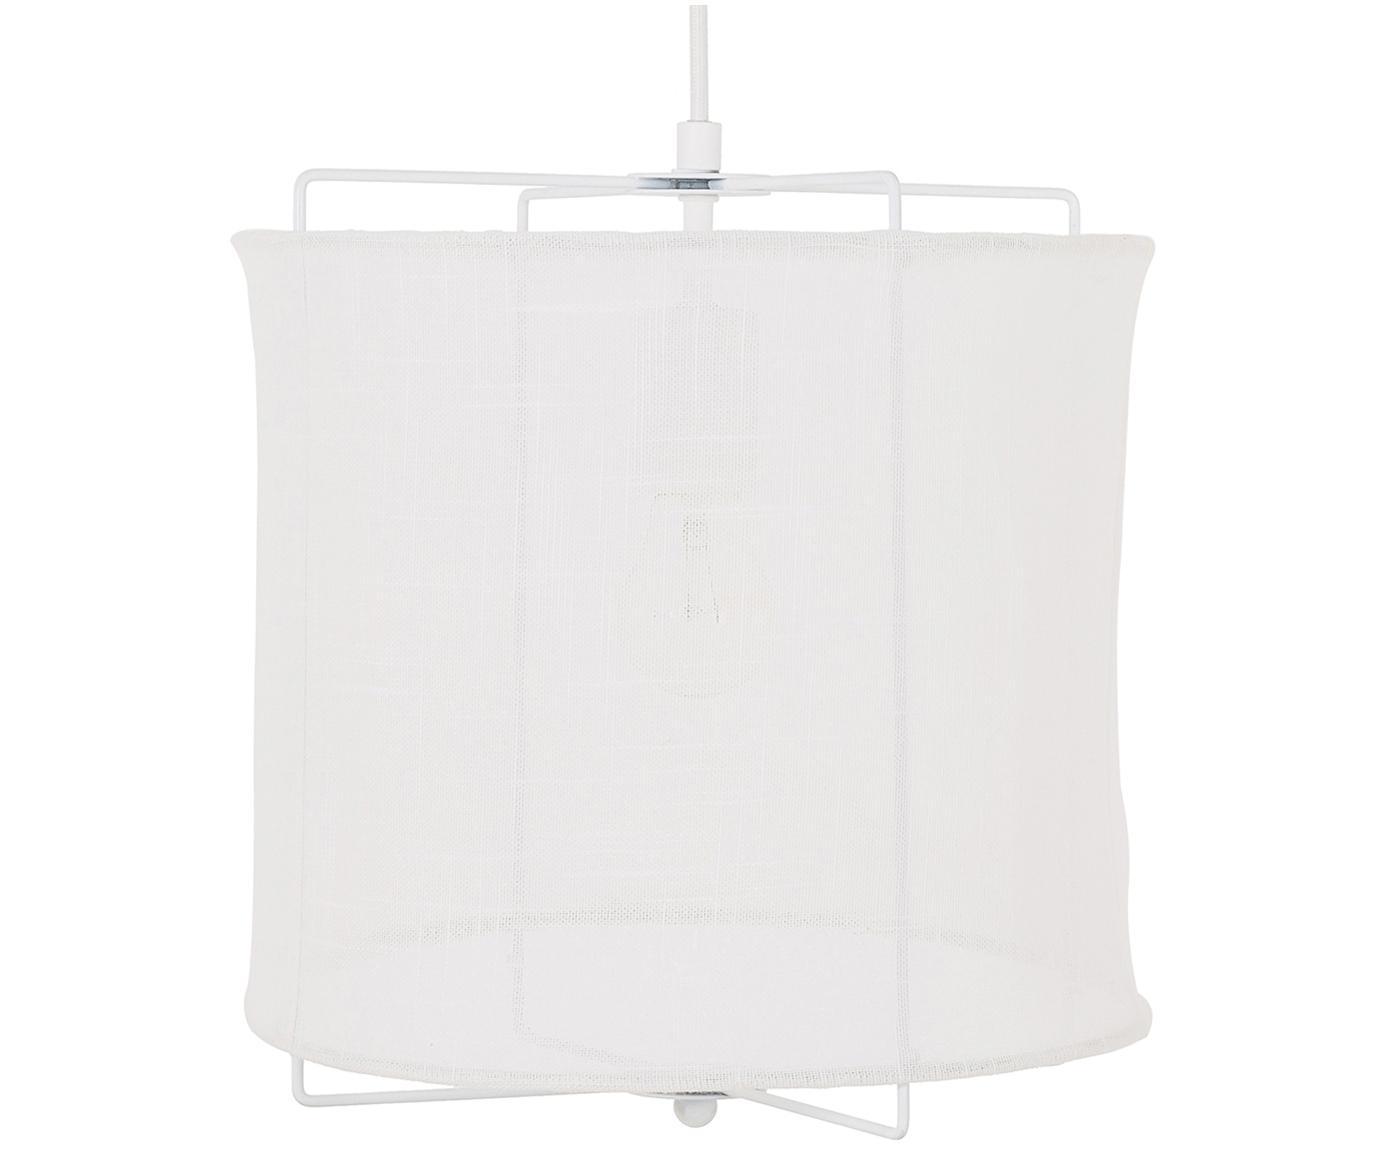 Pendelleuchte Clouds aus Leinen, Lampenschirm: Leinen, Weiß, ∅ 30 x H 30 cm